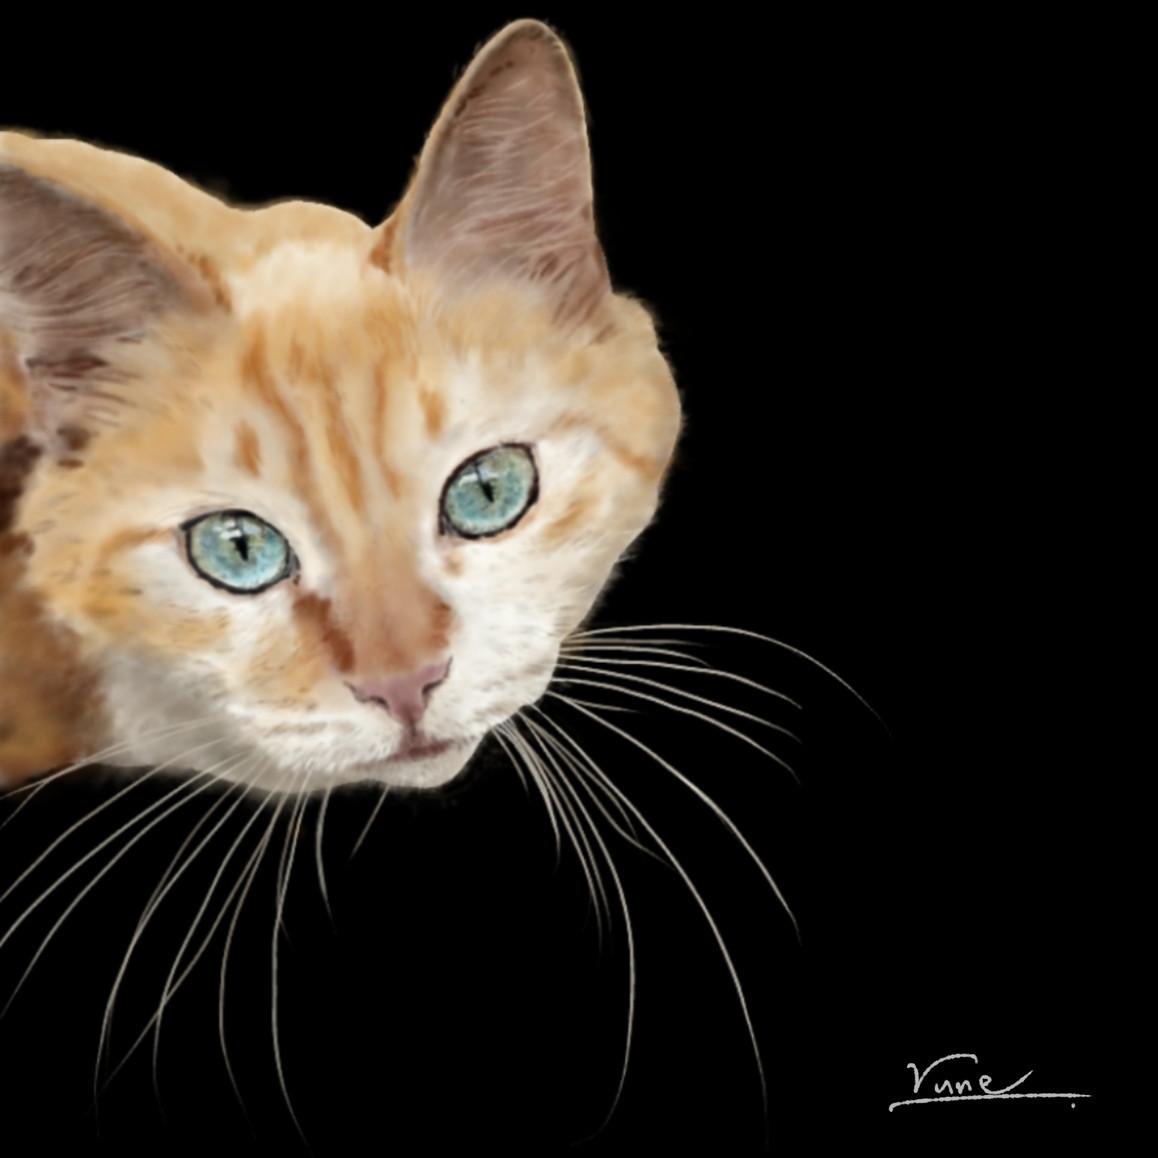 絵画 インテリア アートパネル 雑貨 壁掛け 置物 おしゃれ 猫 動物 デジタルアート ロココロ 画家 : rune 作品 : 見つめる猫